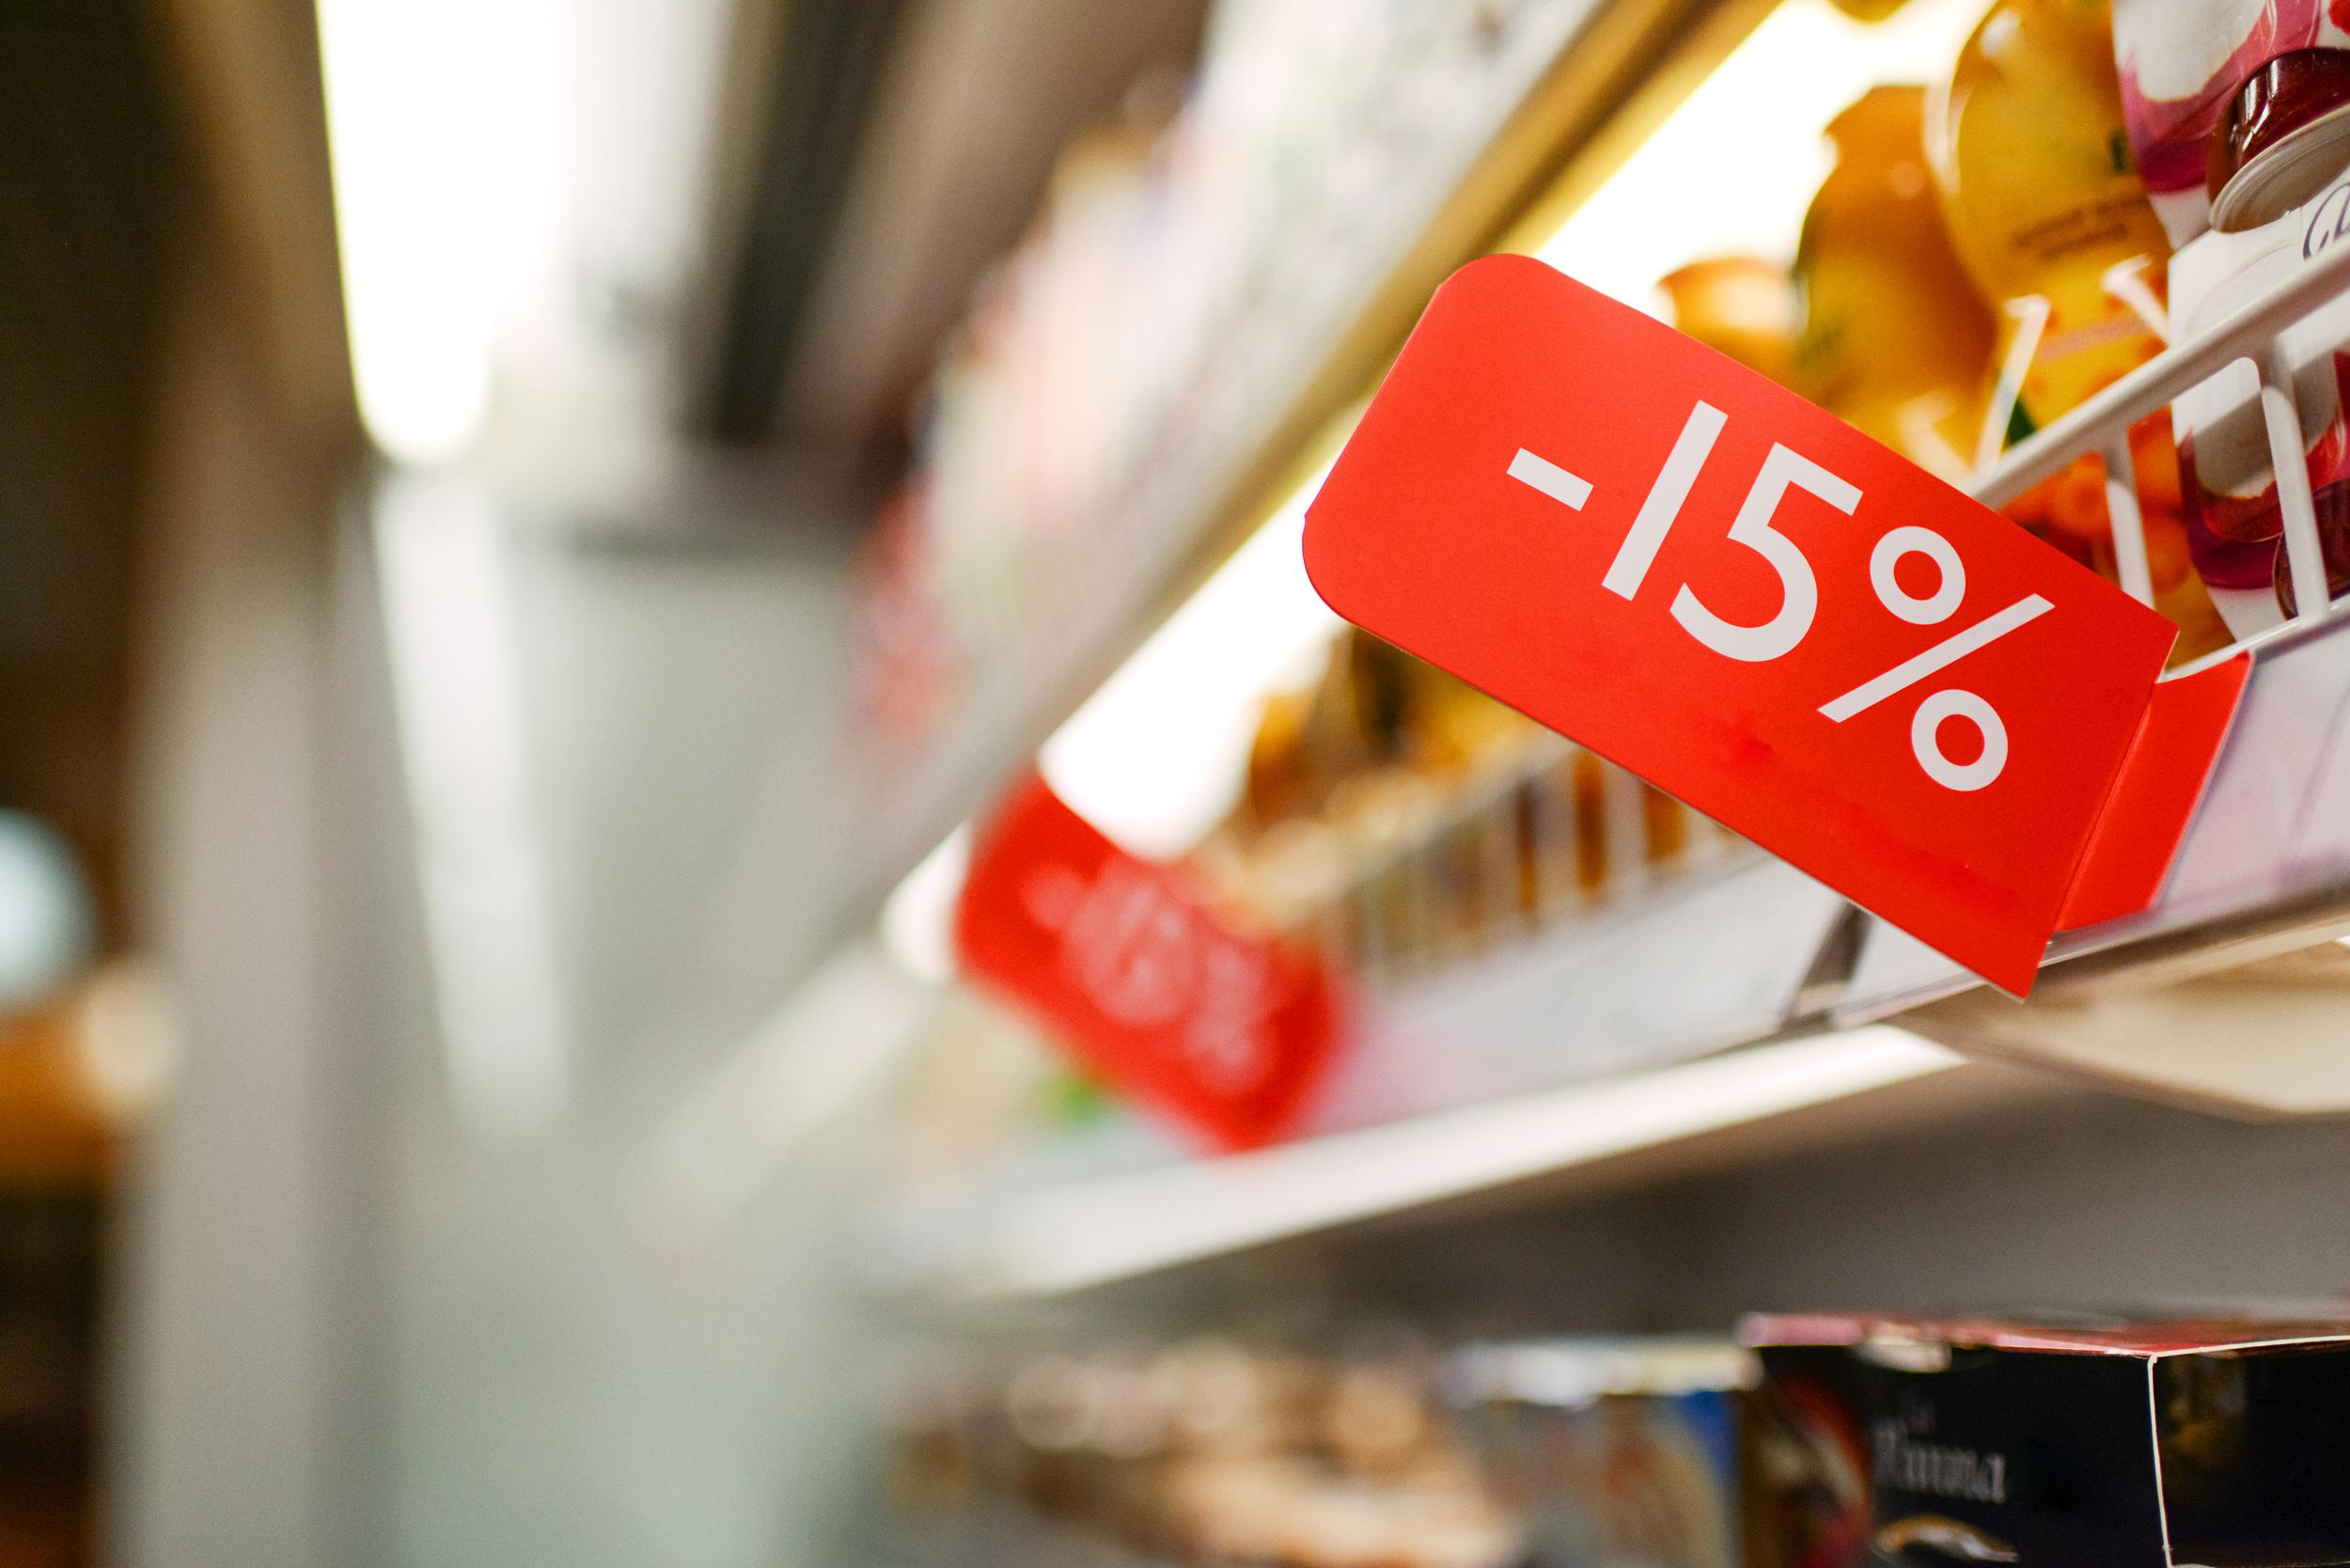 零售|美国3月零售销售环比增长9.8%,各个类别零售额均激增